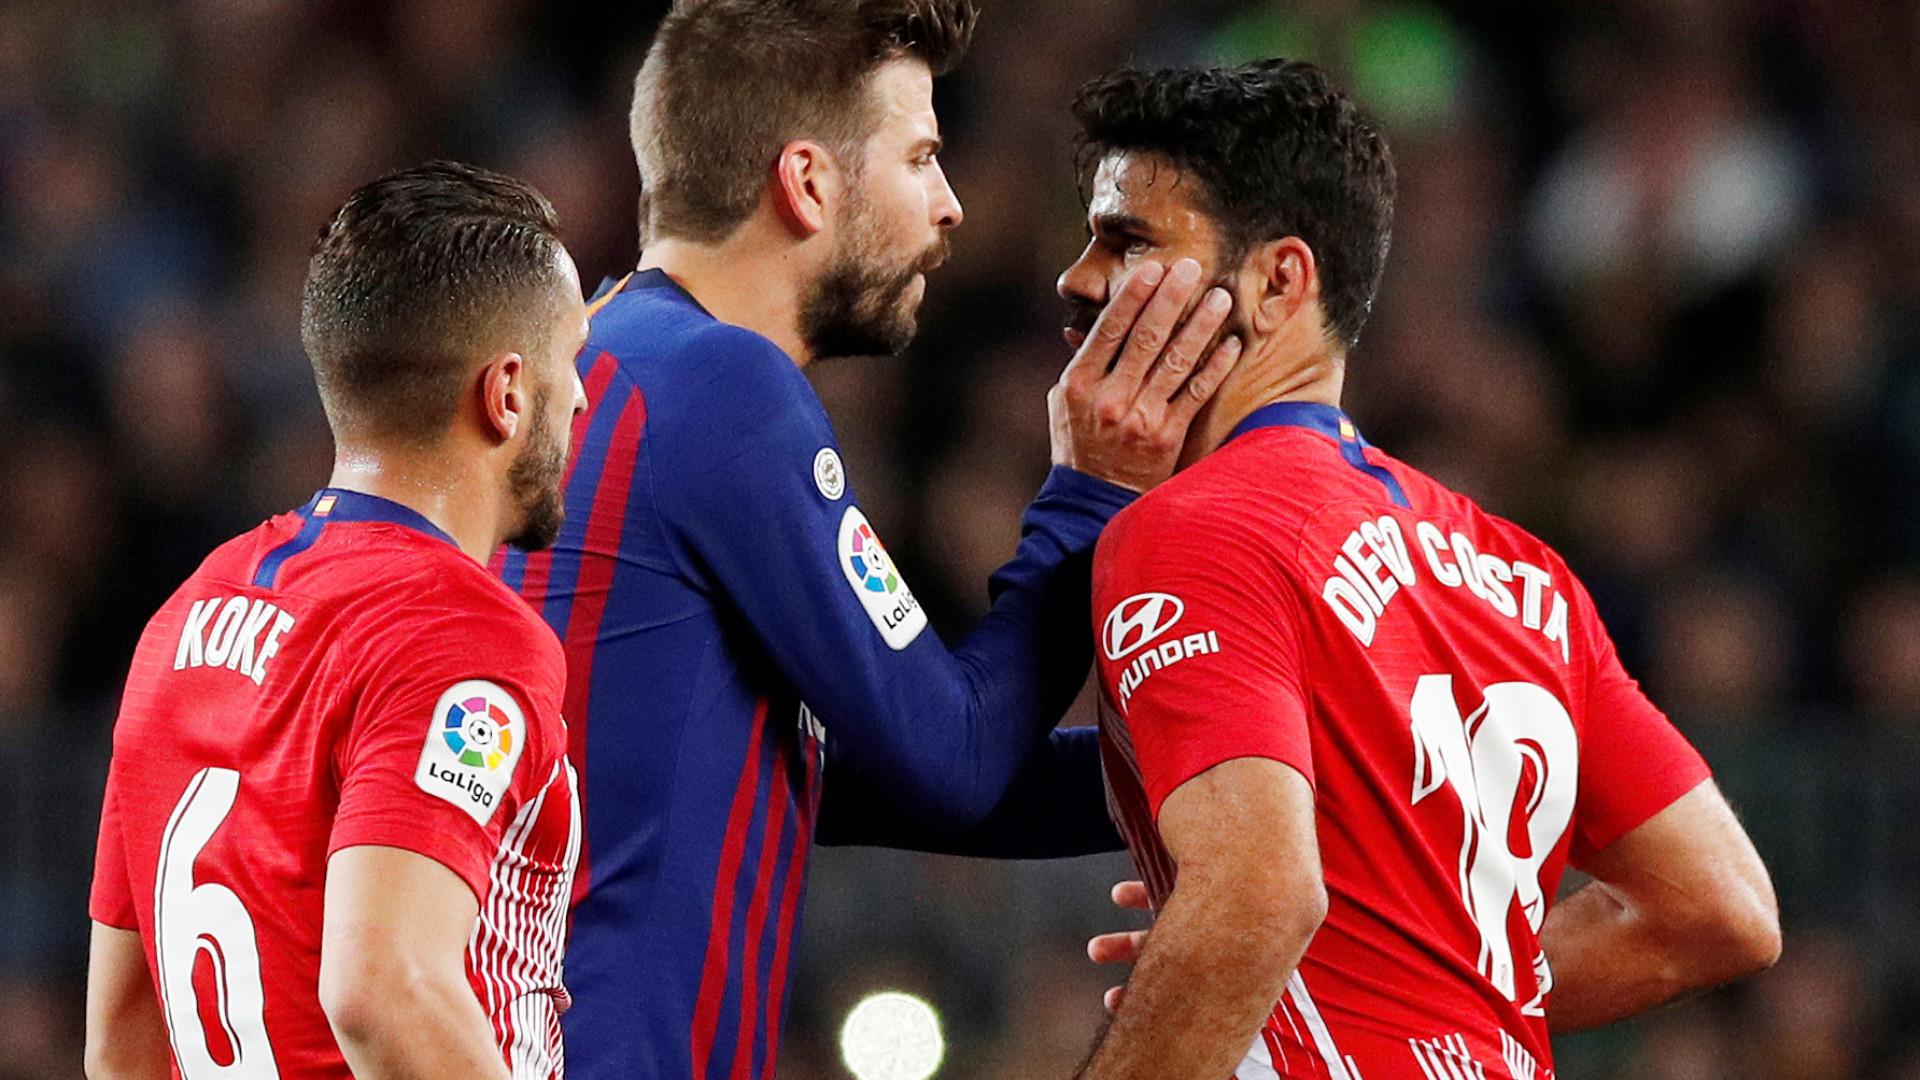 Diego Costa é expulso, Barça vence o Atlético e encaminha título